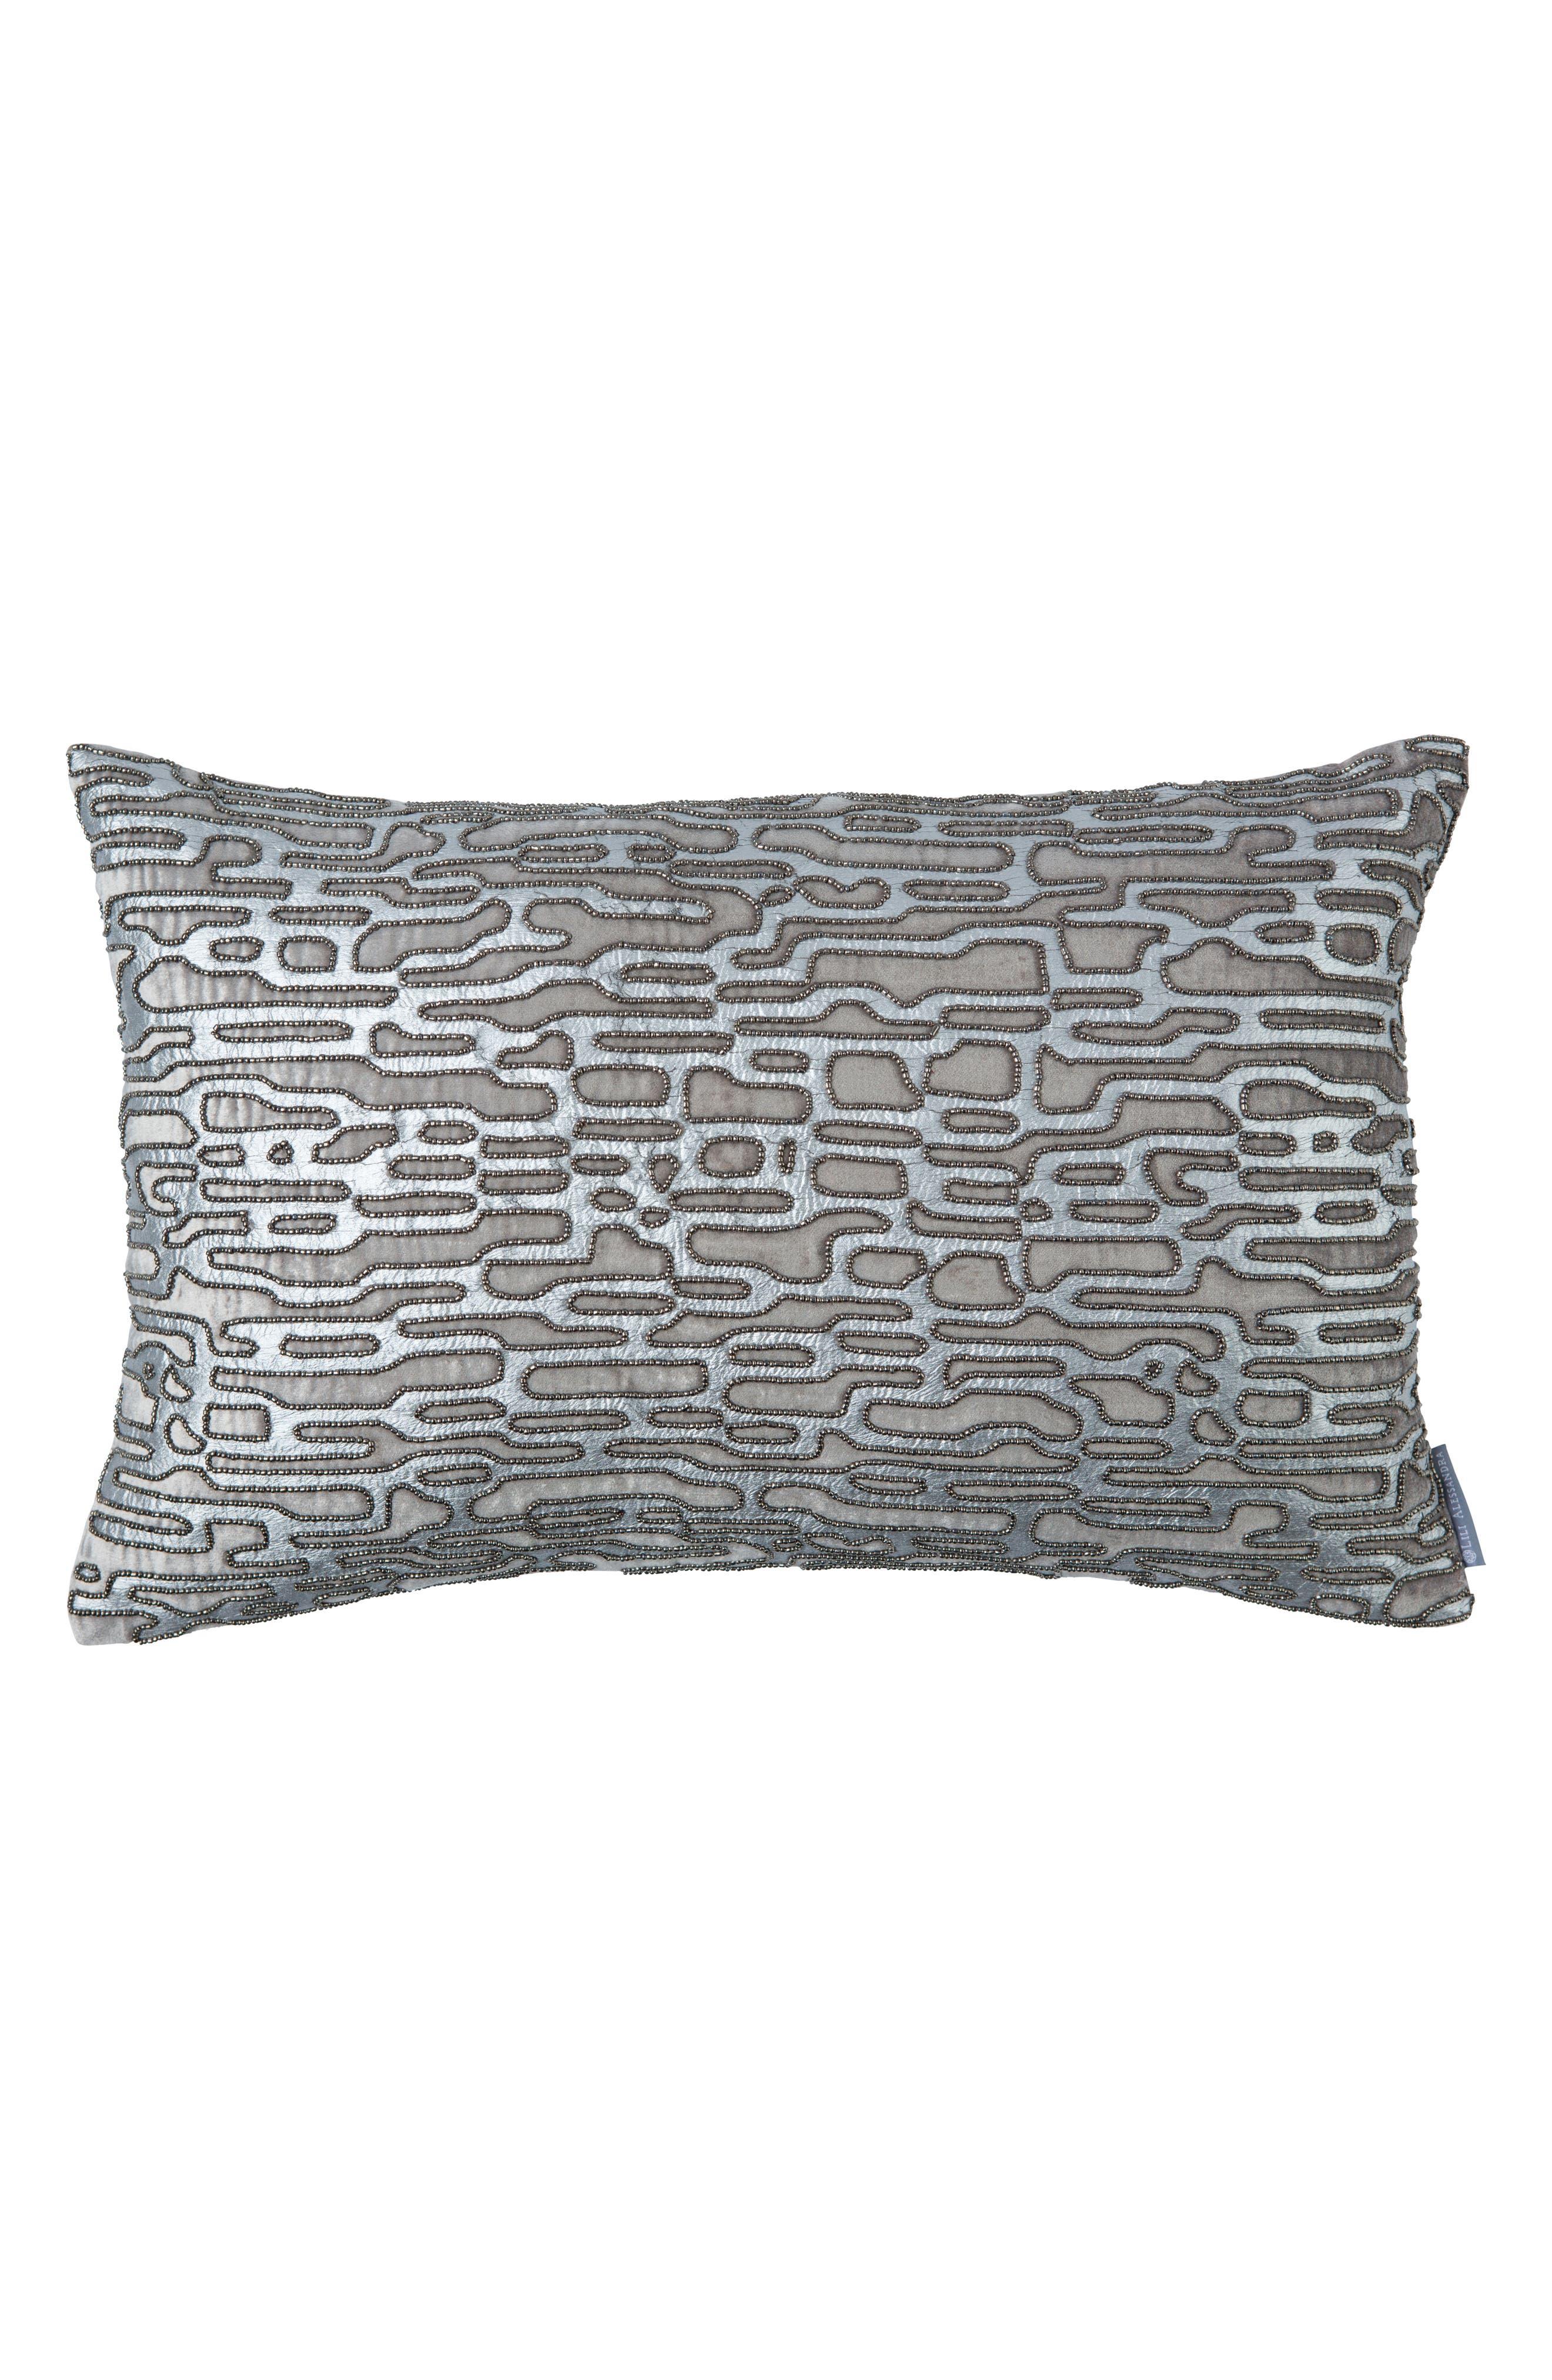 Christian Beaded Velvet Accent Pillow,                         Main,                         color, Gray